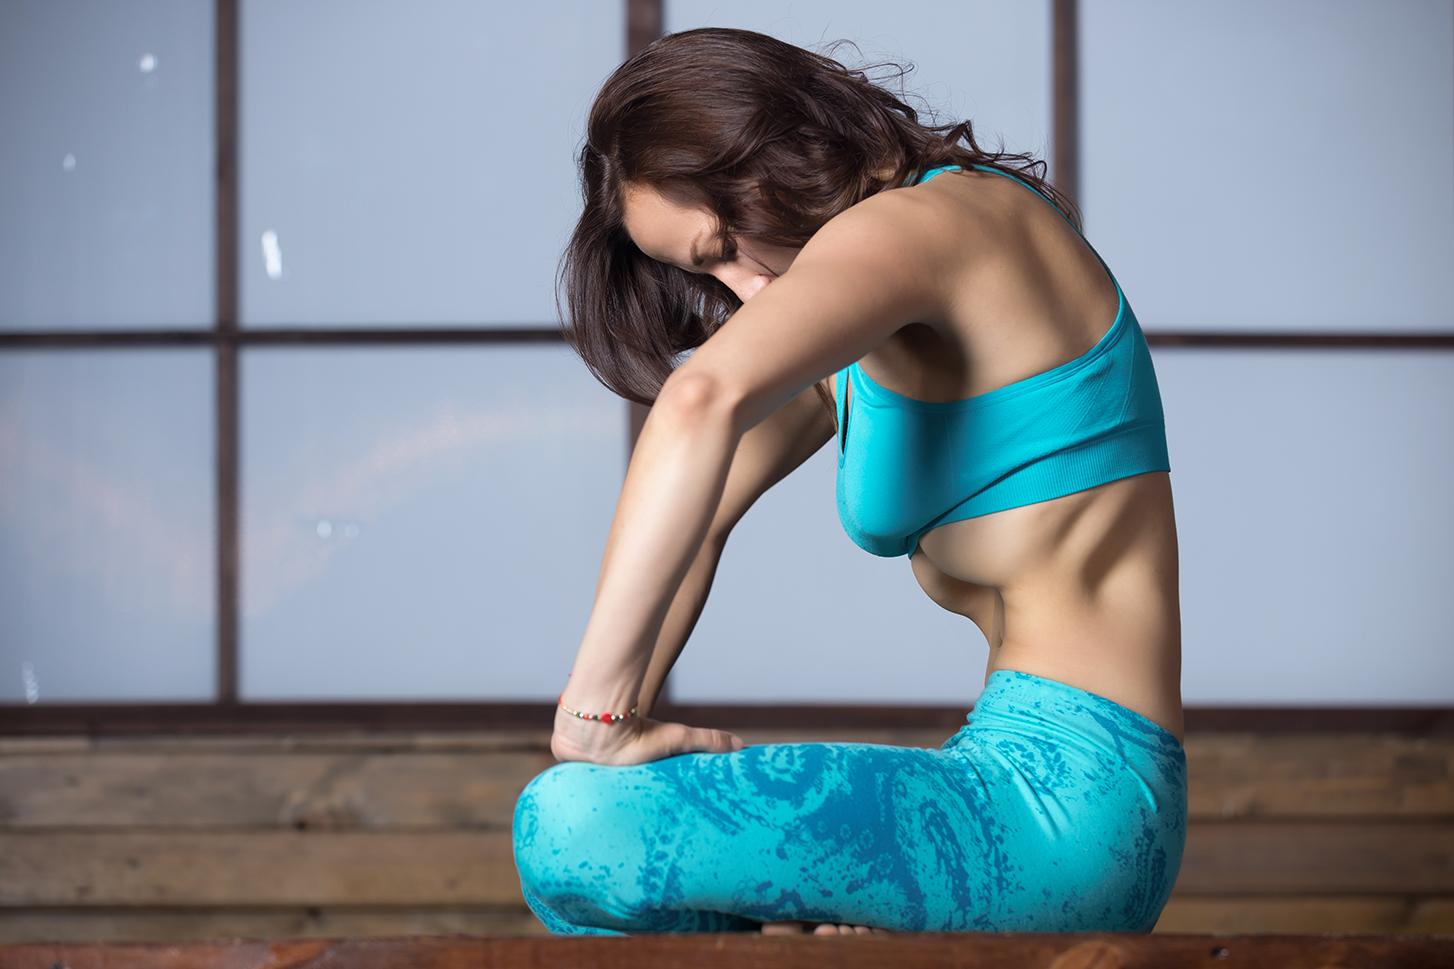 Вакуум для похудения живота 5 вариантов выполнения плюс техника дыхания